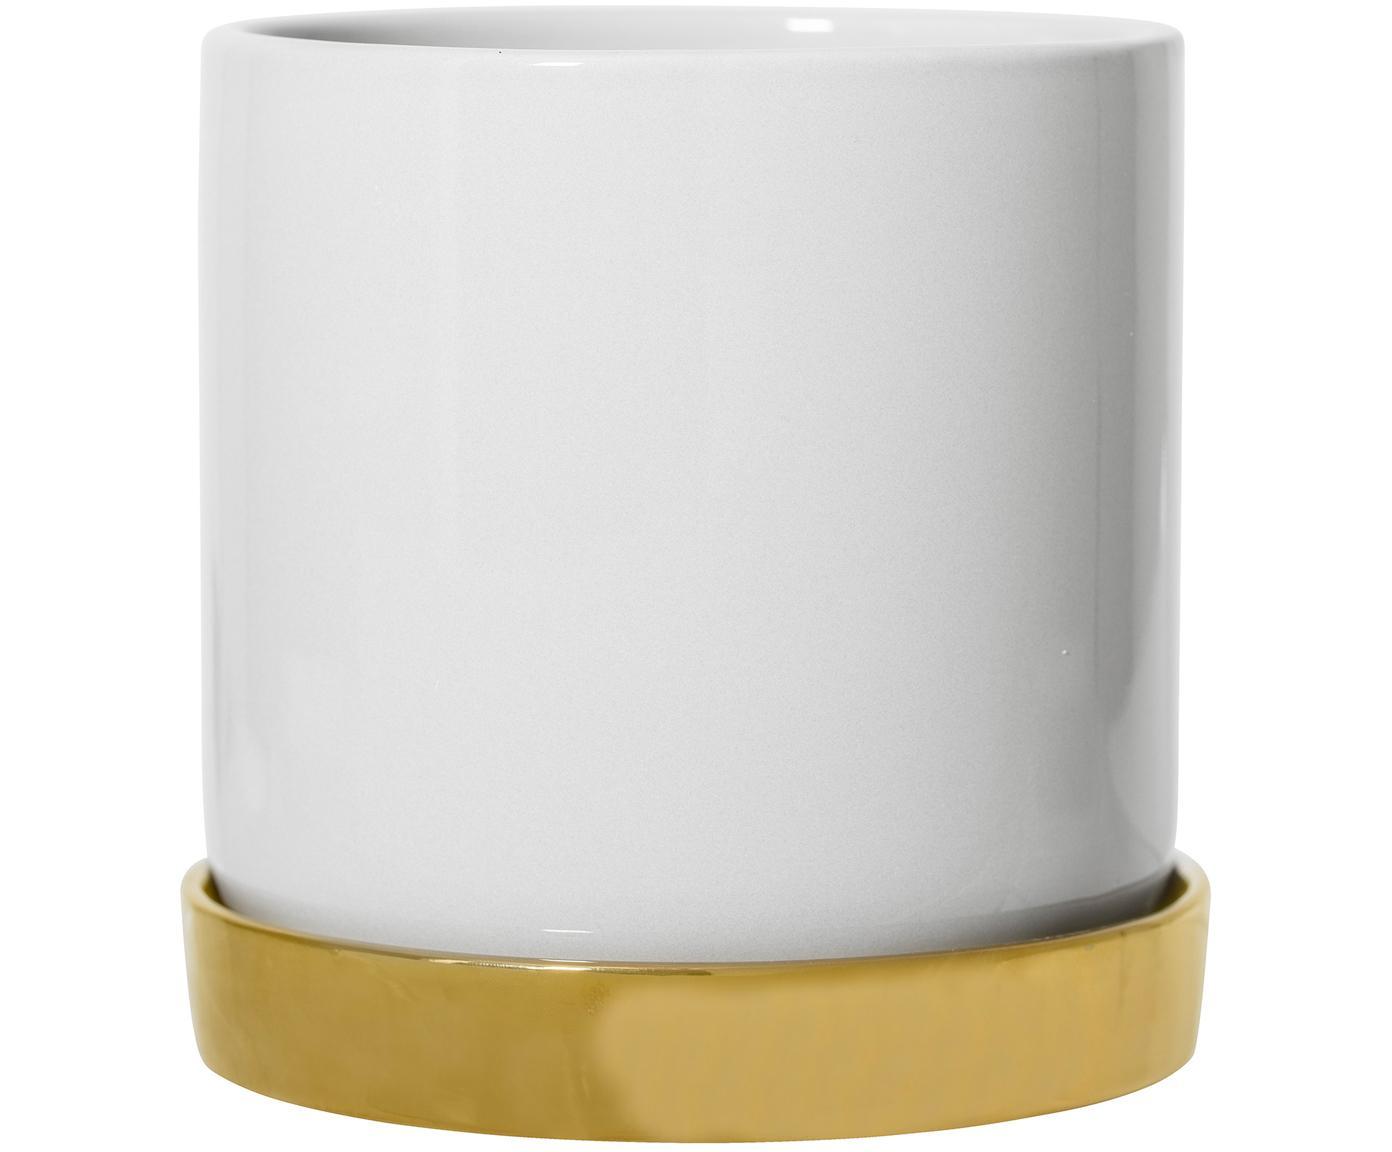 Doniczka Elin, Kamionka, Doniczka: biały Podstawka: złoty, Ø 14 x W 14 cm